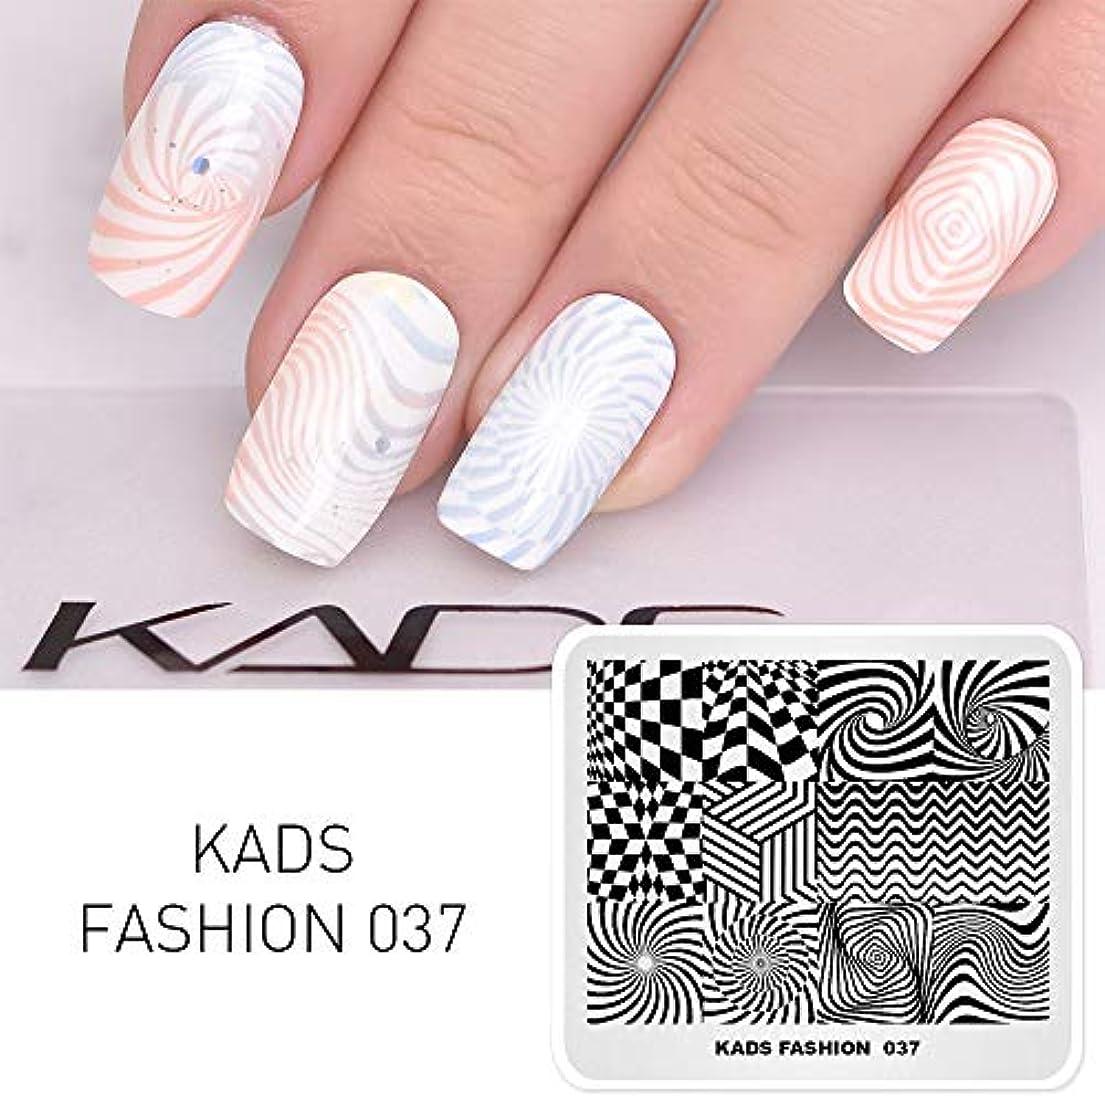 寄稿者意志に反するロゴKADS スタンピングプレート ネイルイメージプレート 幾何学模様 ファッションスタイル(FA037)